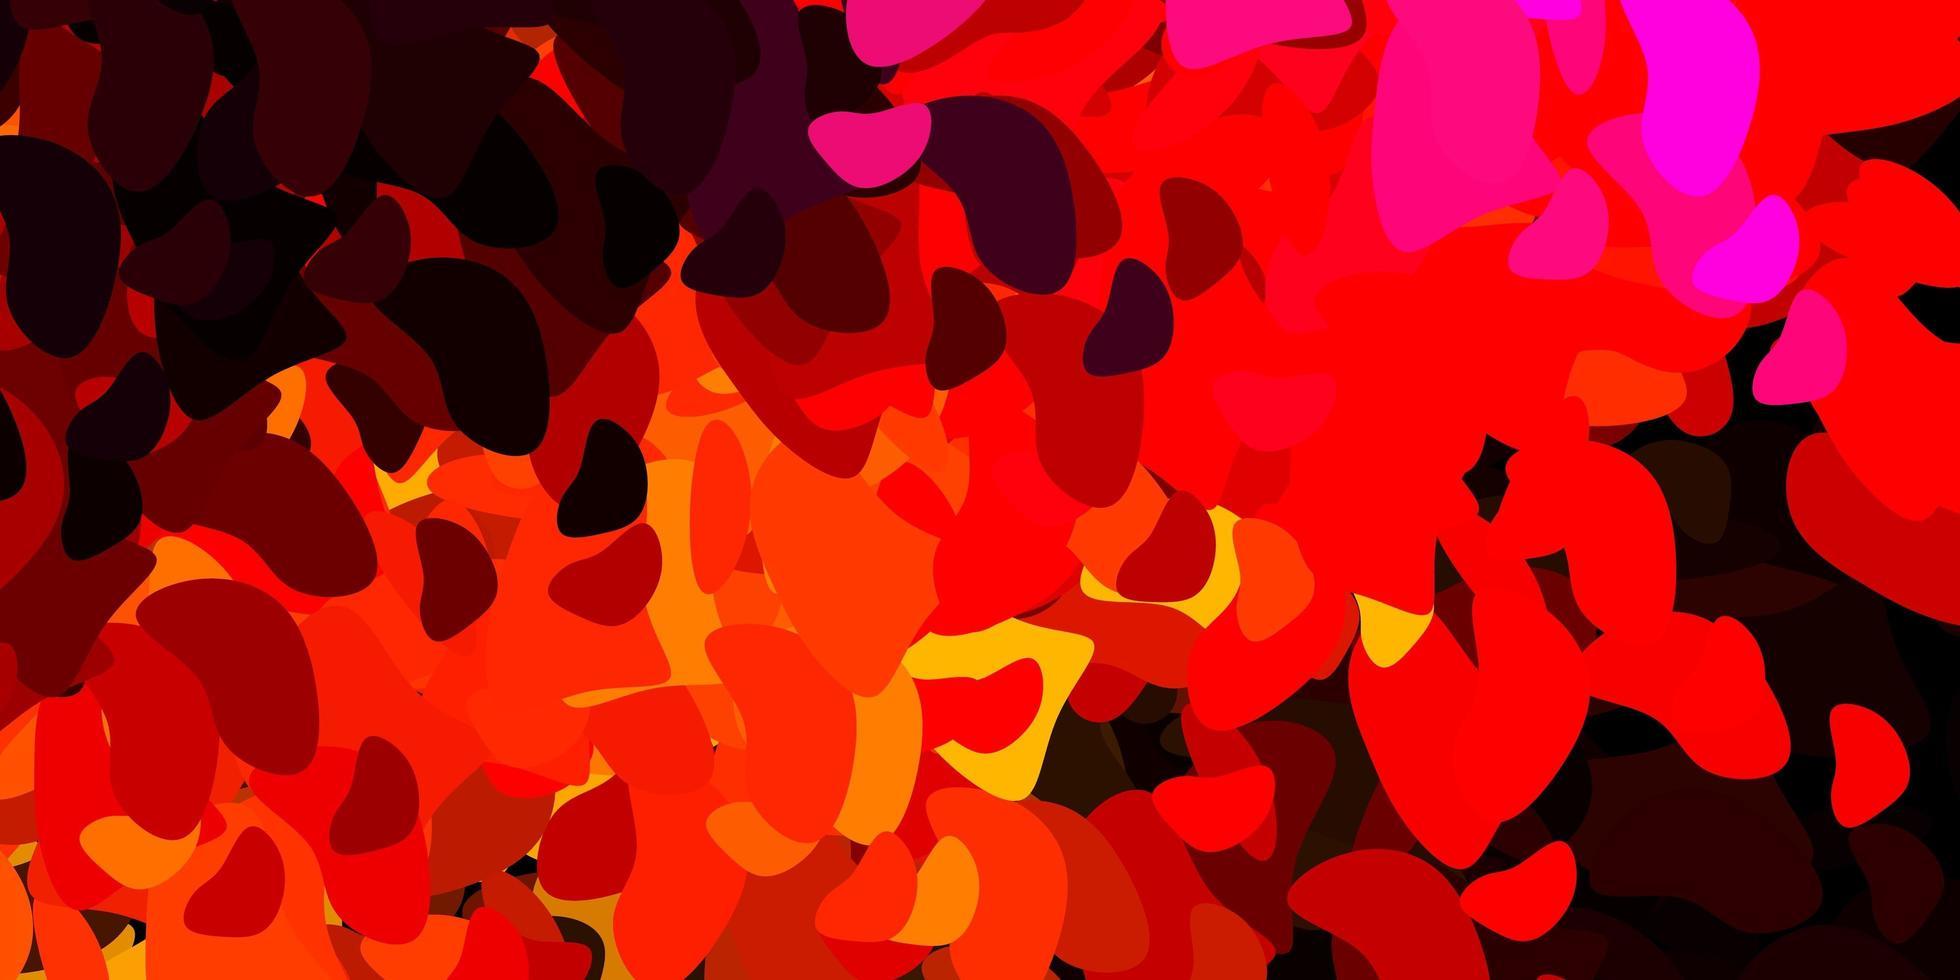 telón de fondo rojo oscuro con formas caóticas. vector